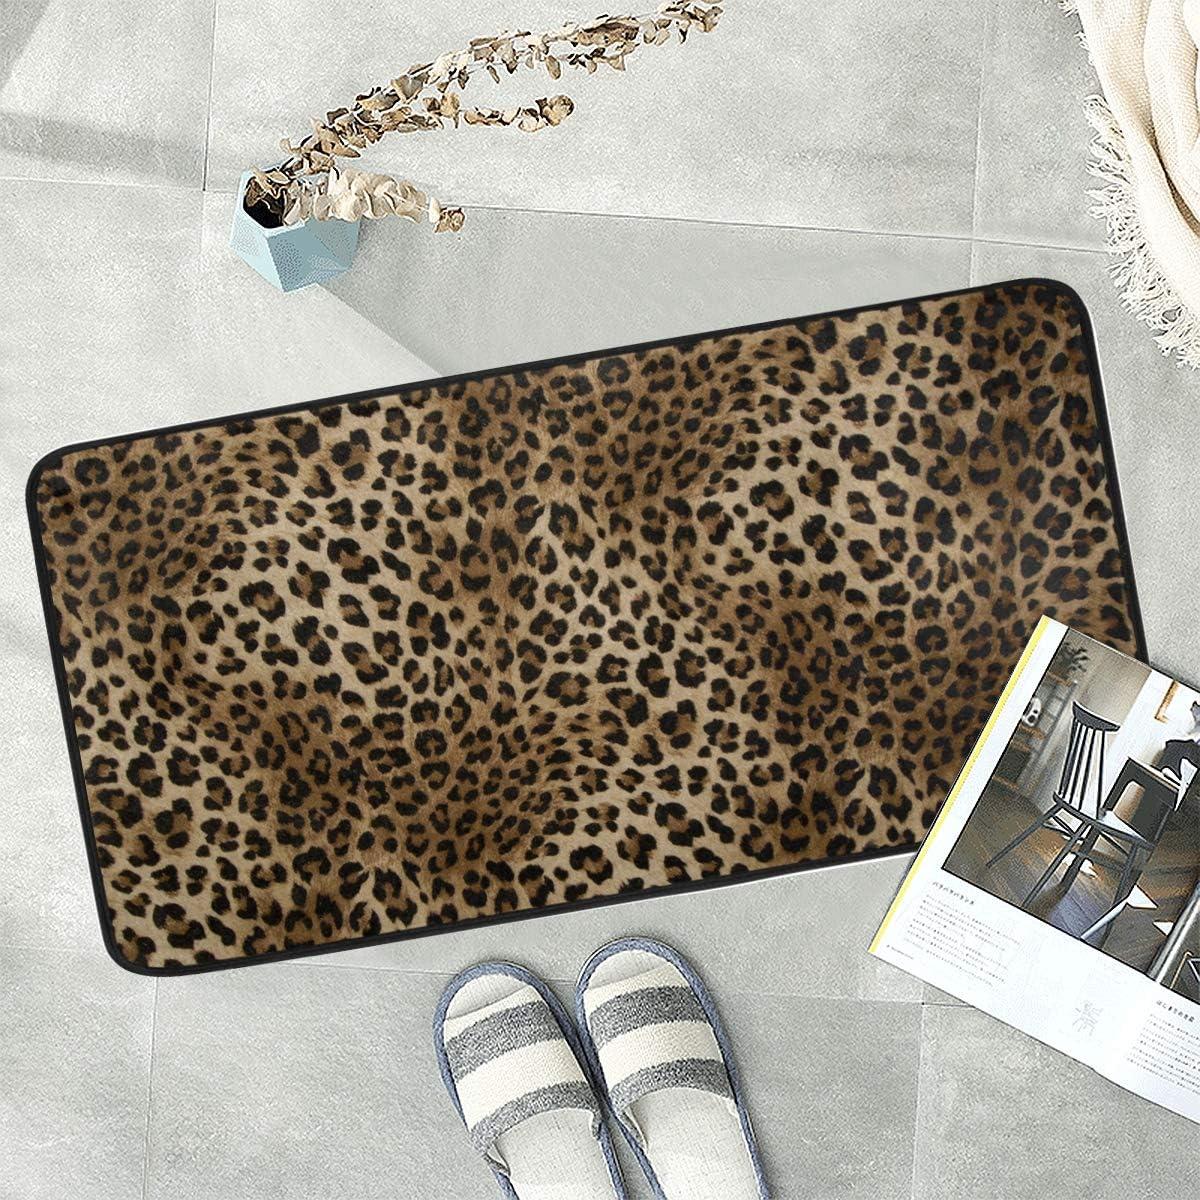 Naanle Animal Print Anti Fatigue Kitchen Floor Mat, Leopard Non Slip Absorbent Comfort Standing Mat Kitchen Runner Rug for Hallway Entryway Bathroom Living Room Bedroom 39 x 20 Inches